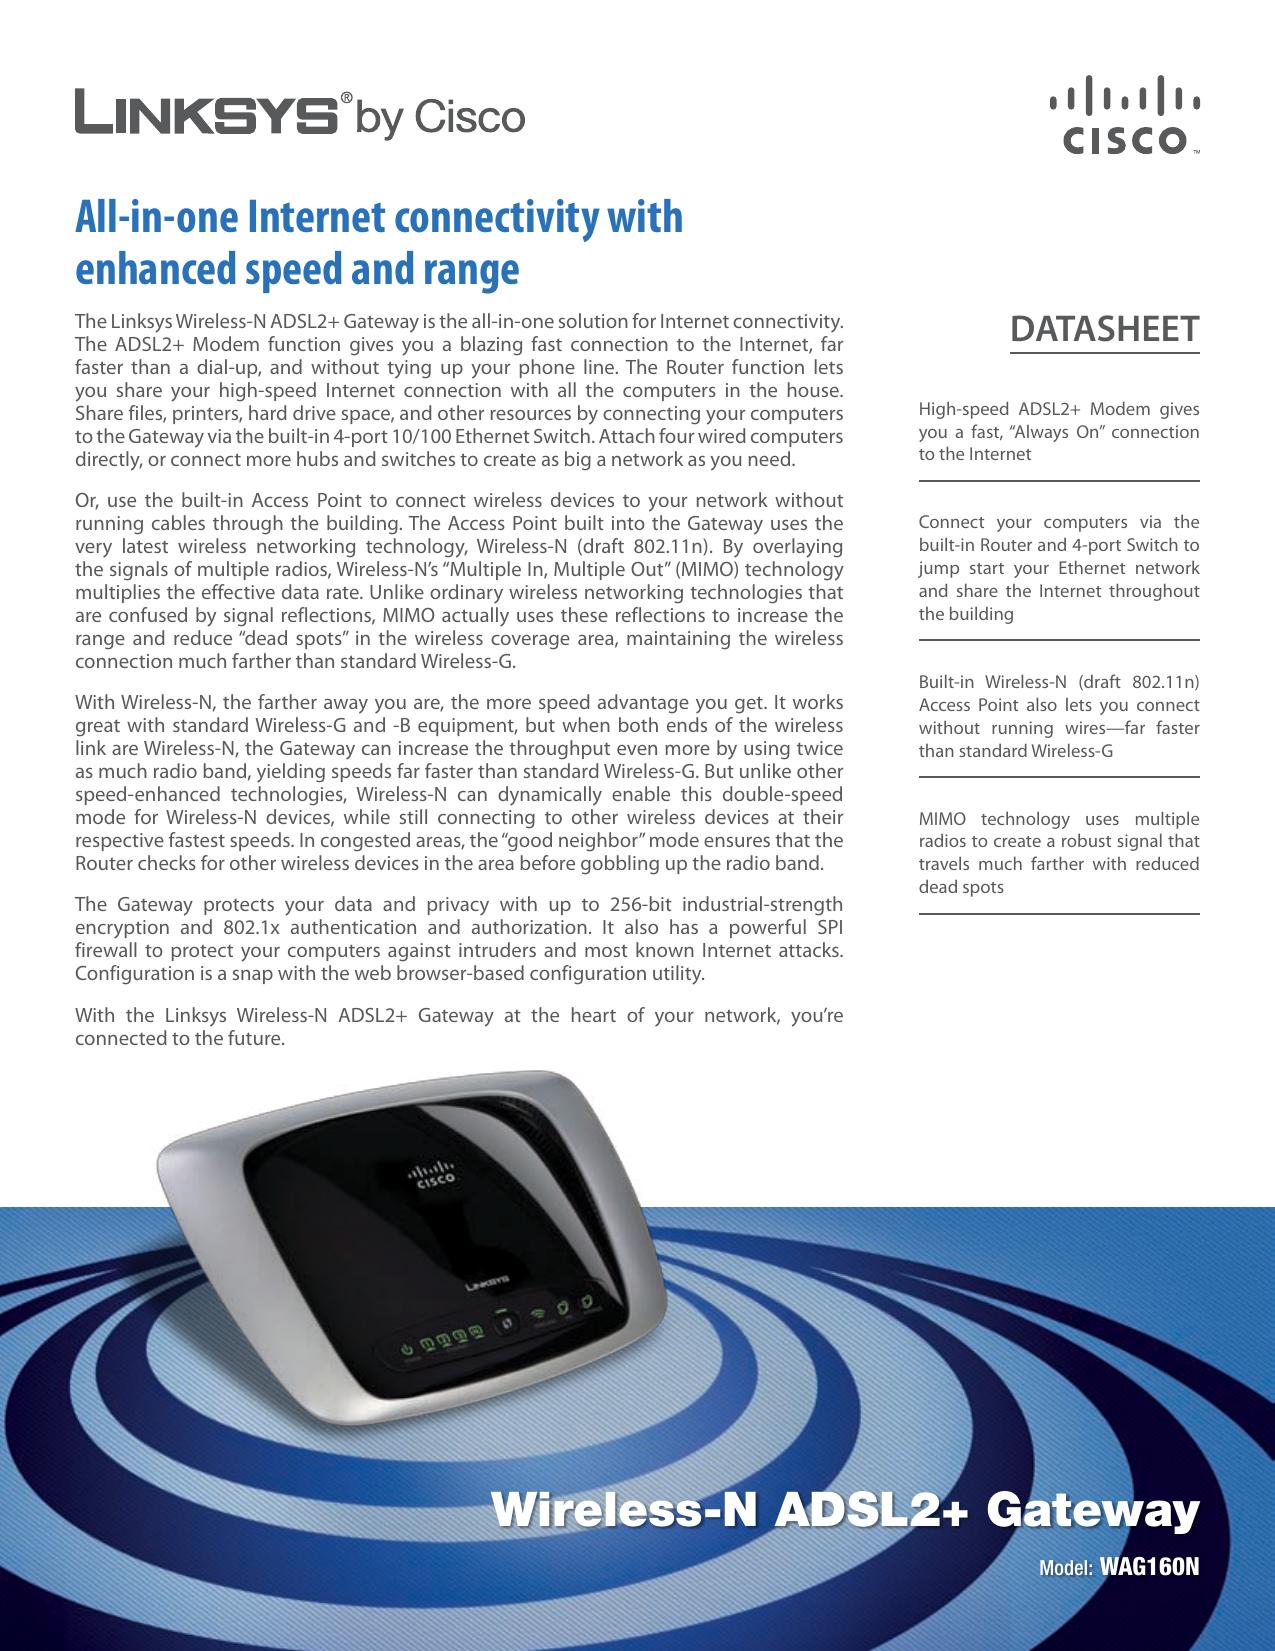 Linksys WAG160N Wireless-N ADSL2+ Gateway   manualzz com